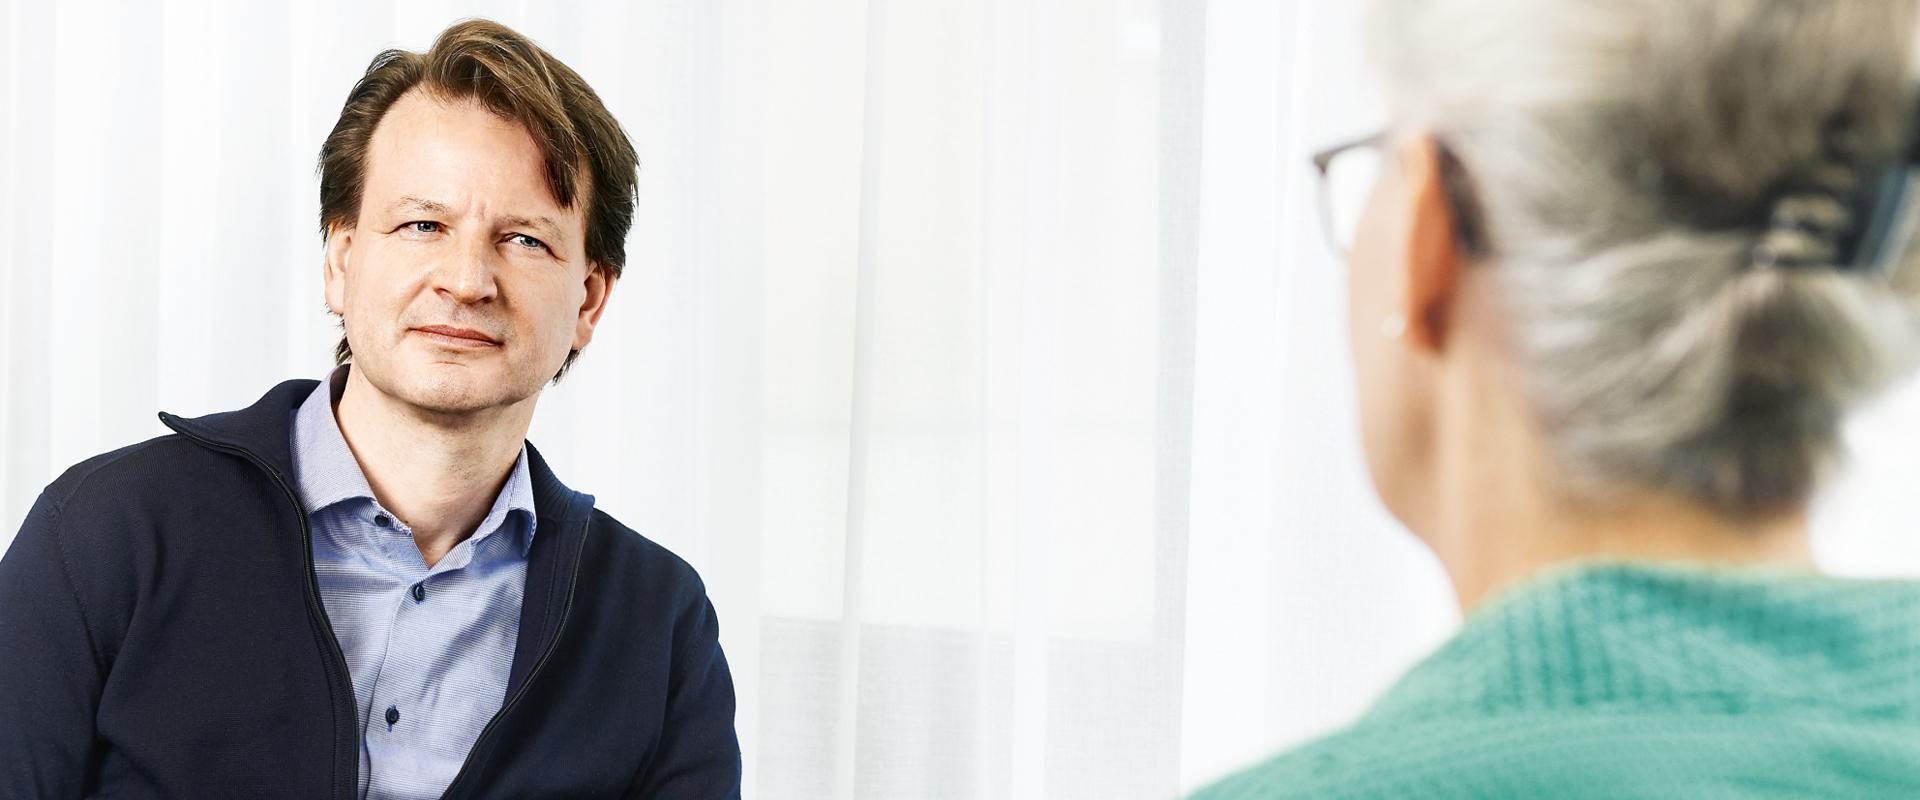 Psychiater im Gespräch mit einer Patientin